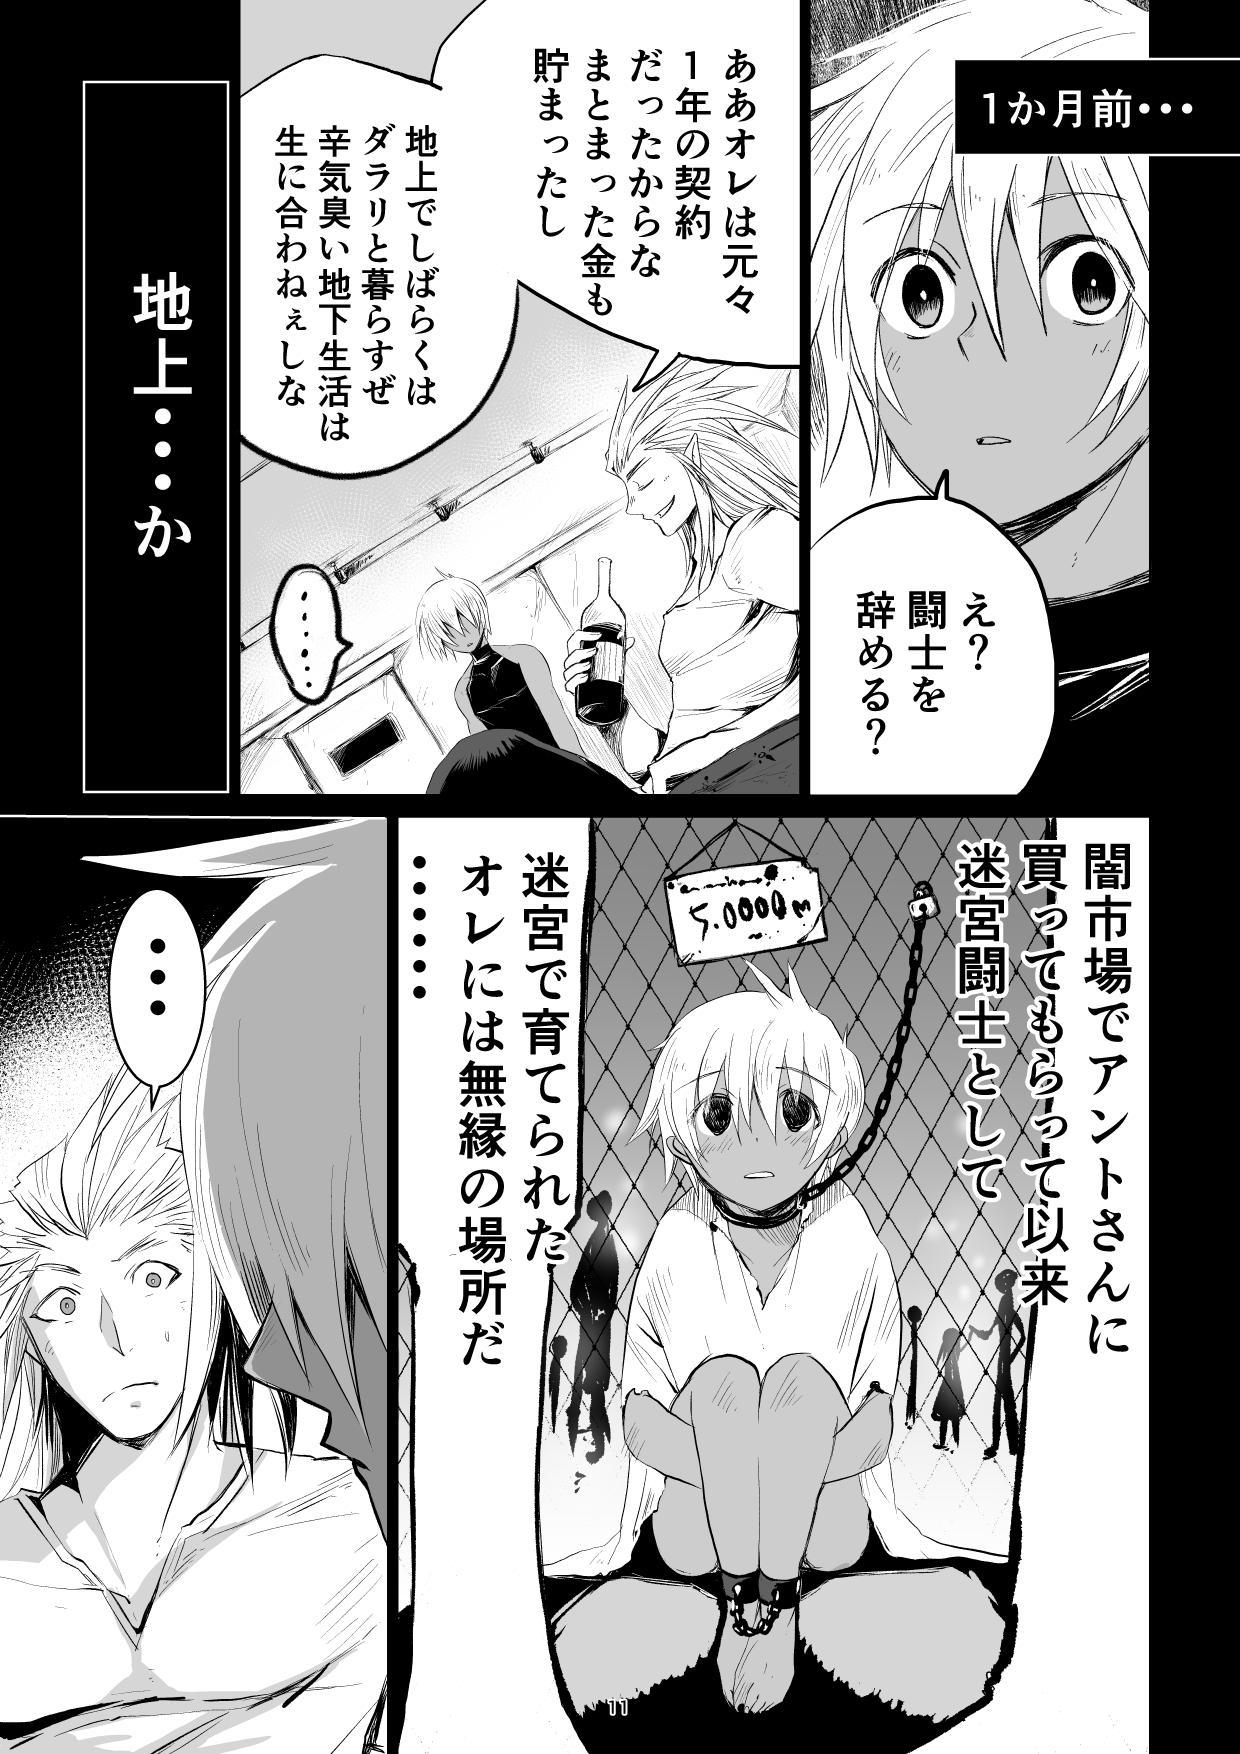 Meikyuu BADEND ep3 10